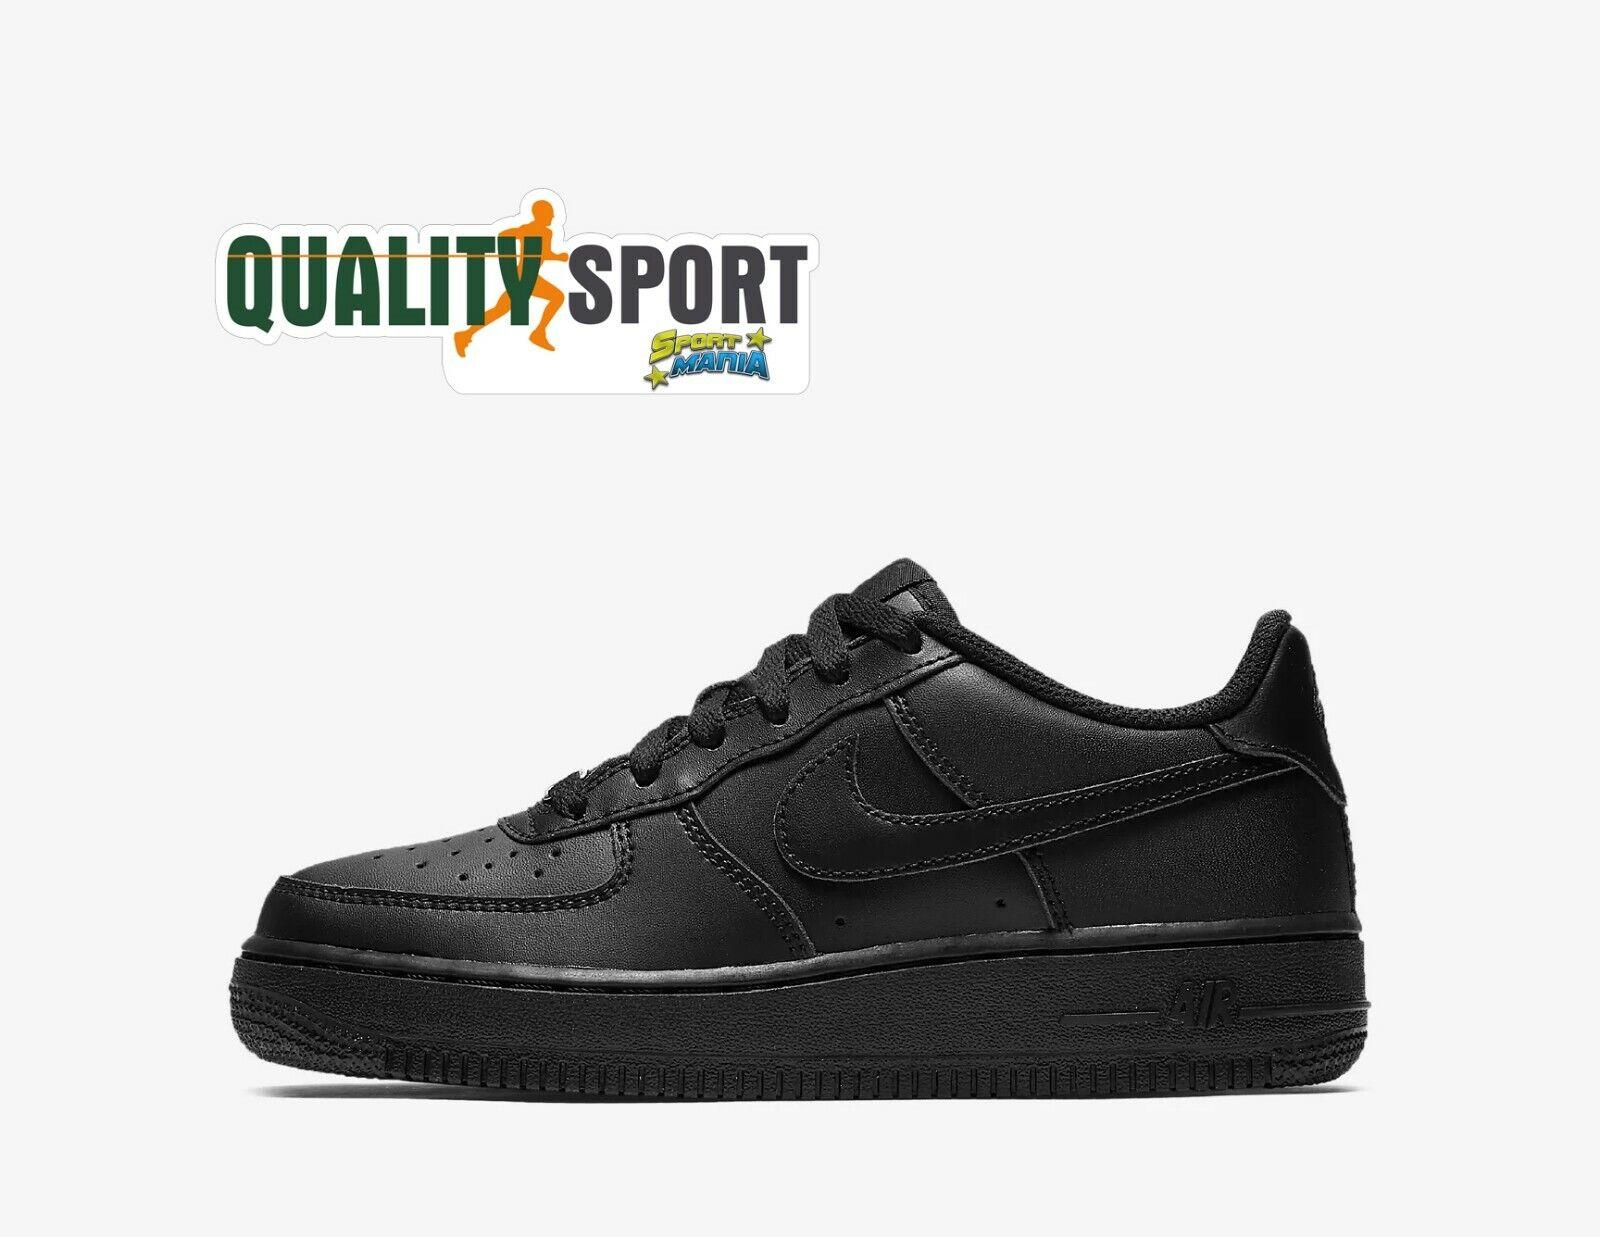 Nike Air Force 1 Schwarz Schuhe Frau Junge Turnschuhe 314192 009 2019